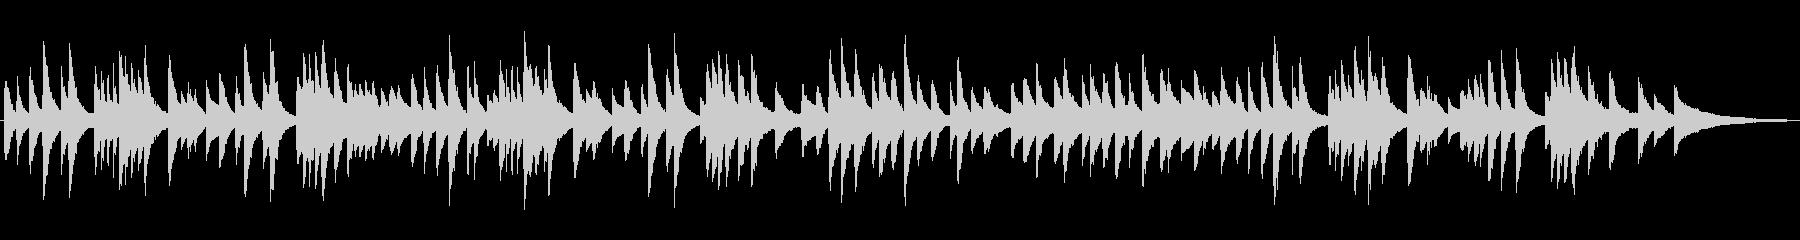 静かなジャズラウンジピアノソロ/バラードの未再生の波形